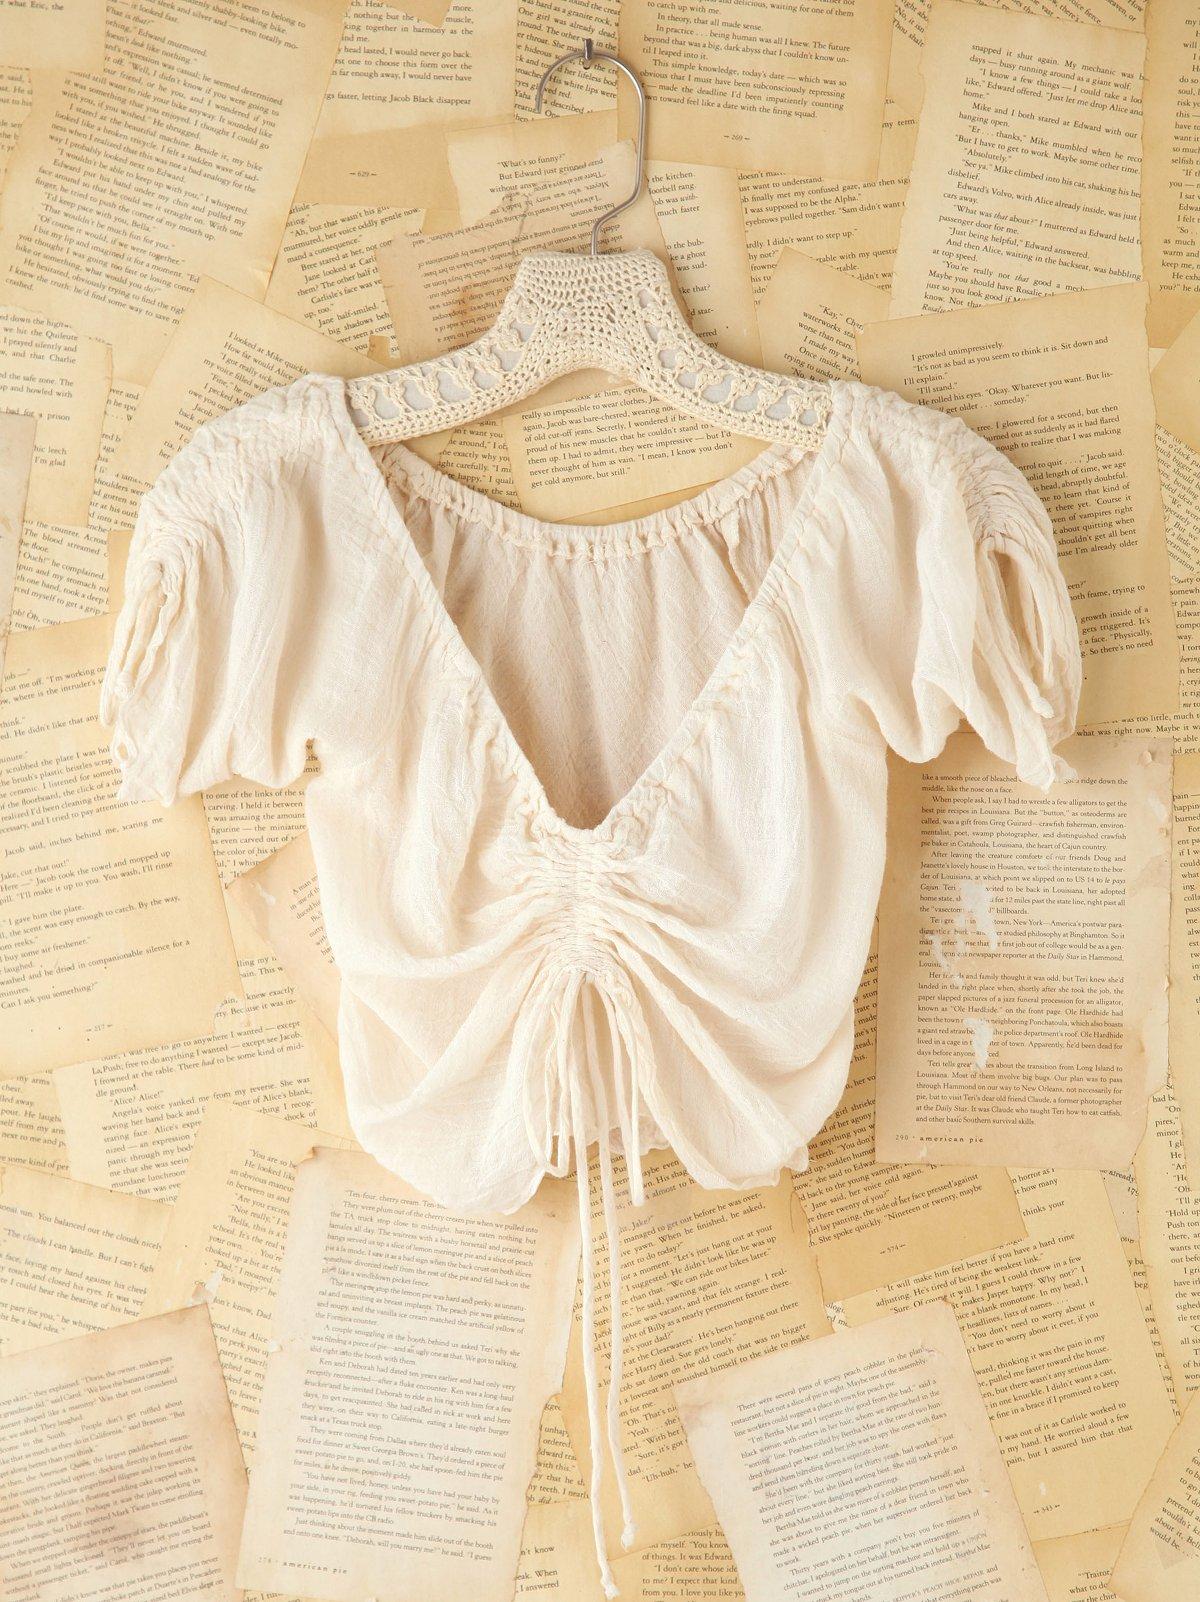 Vintage Gauzy Cotton Crop Top